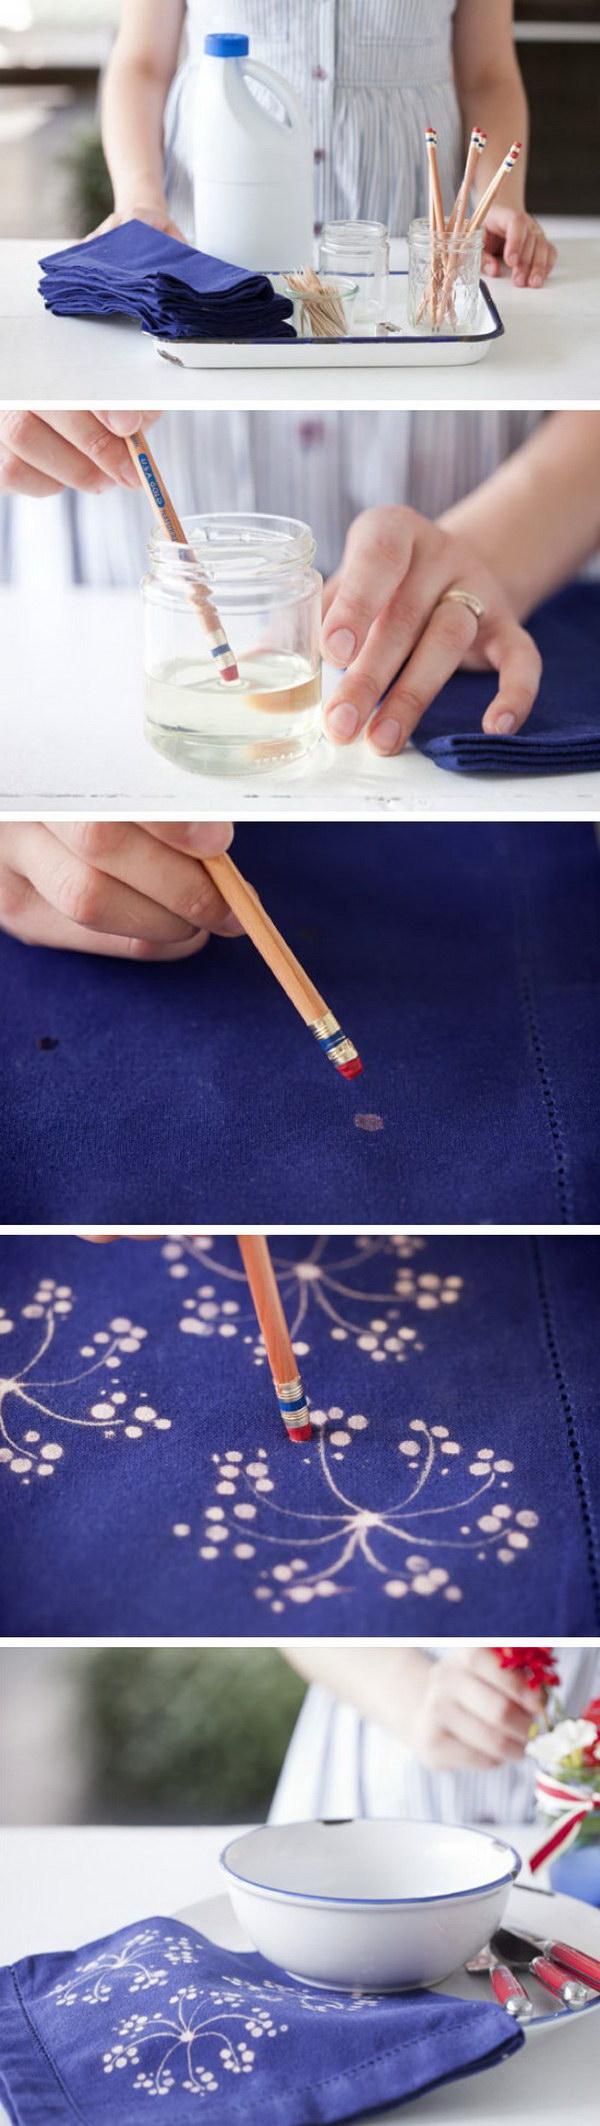 6 Fabric Bleach Art Table Napkins